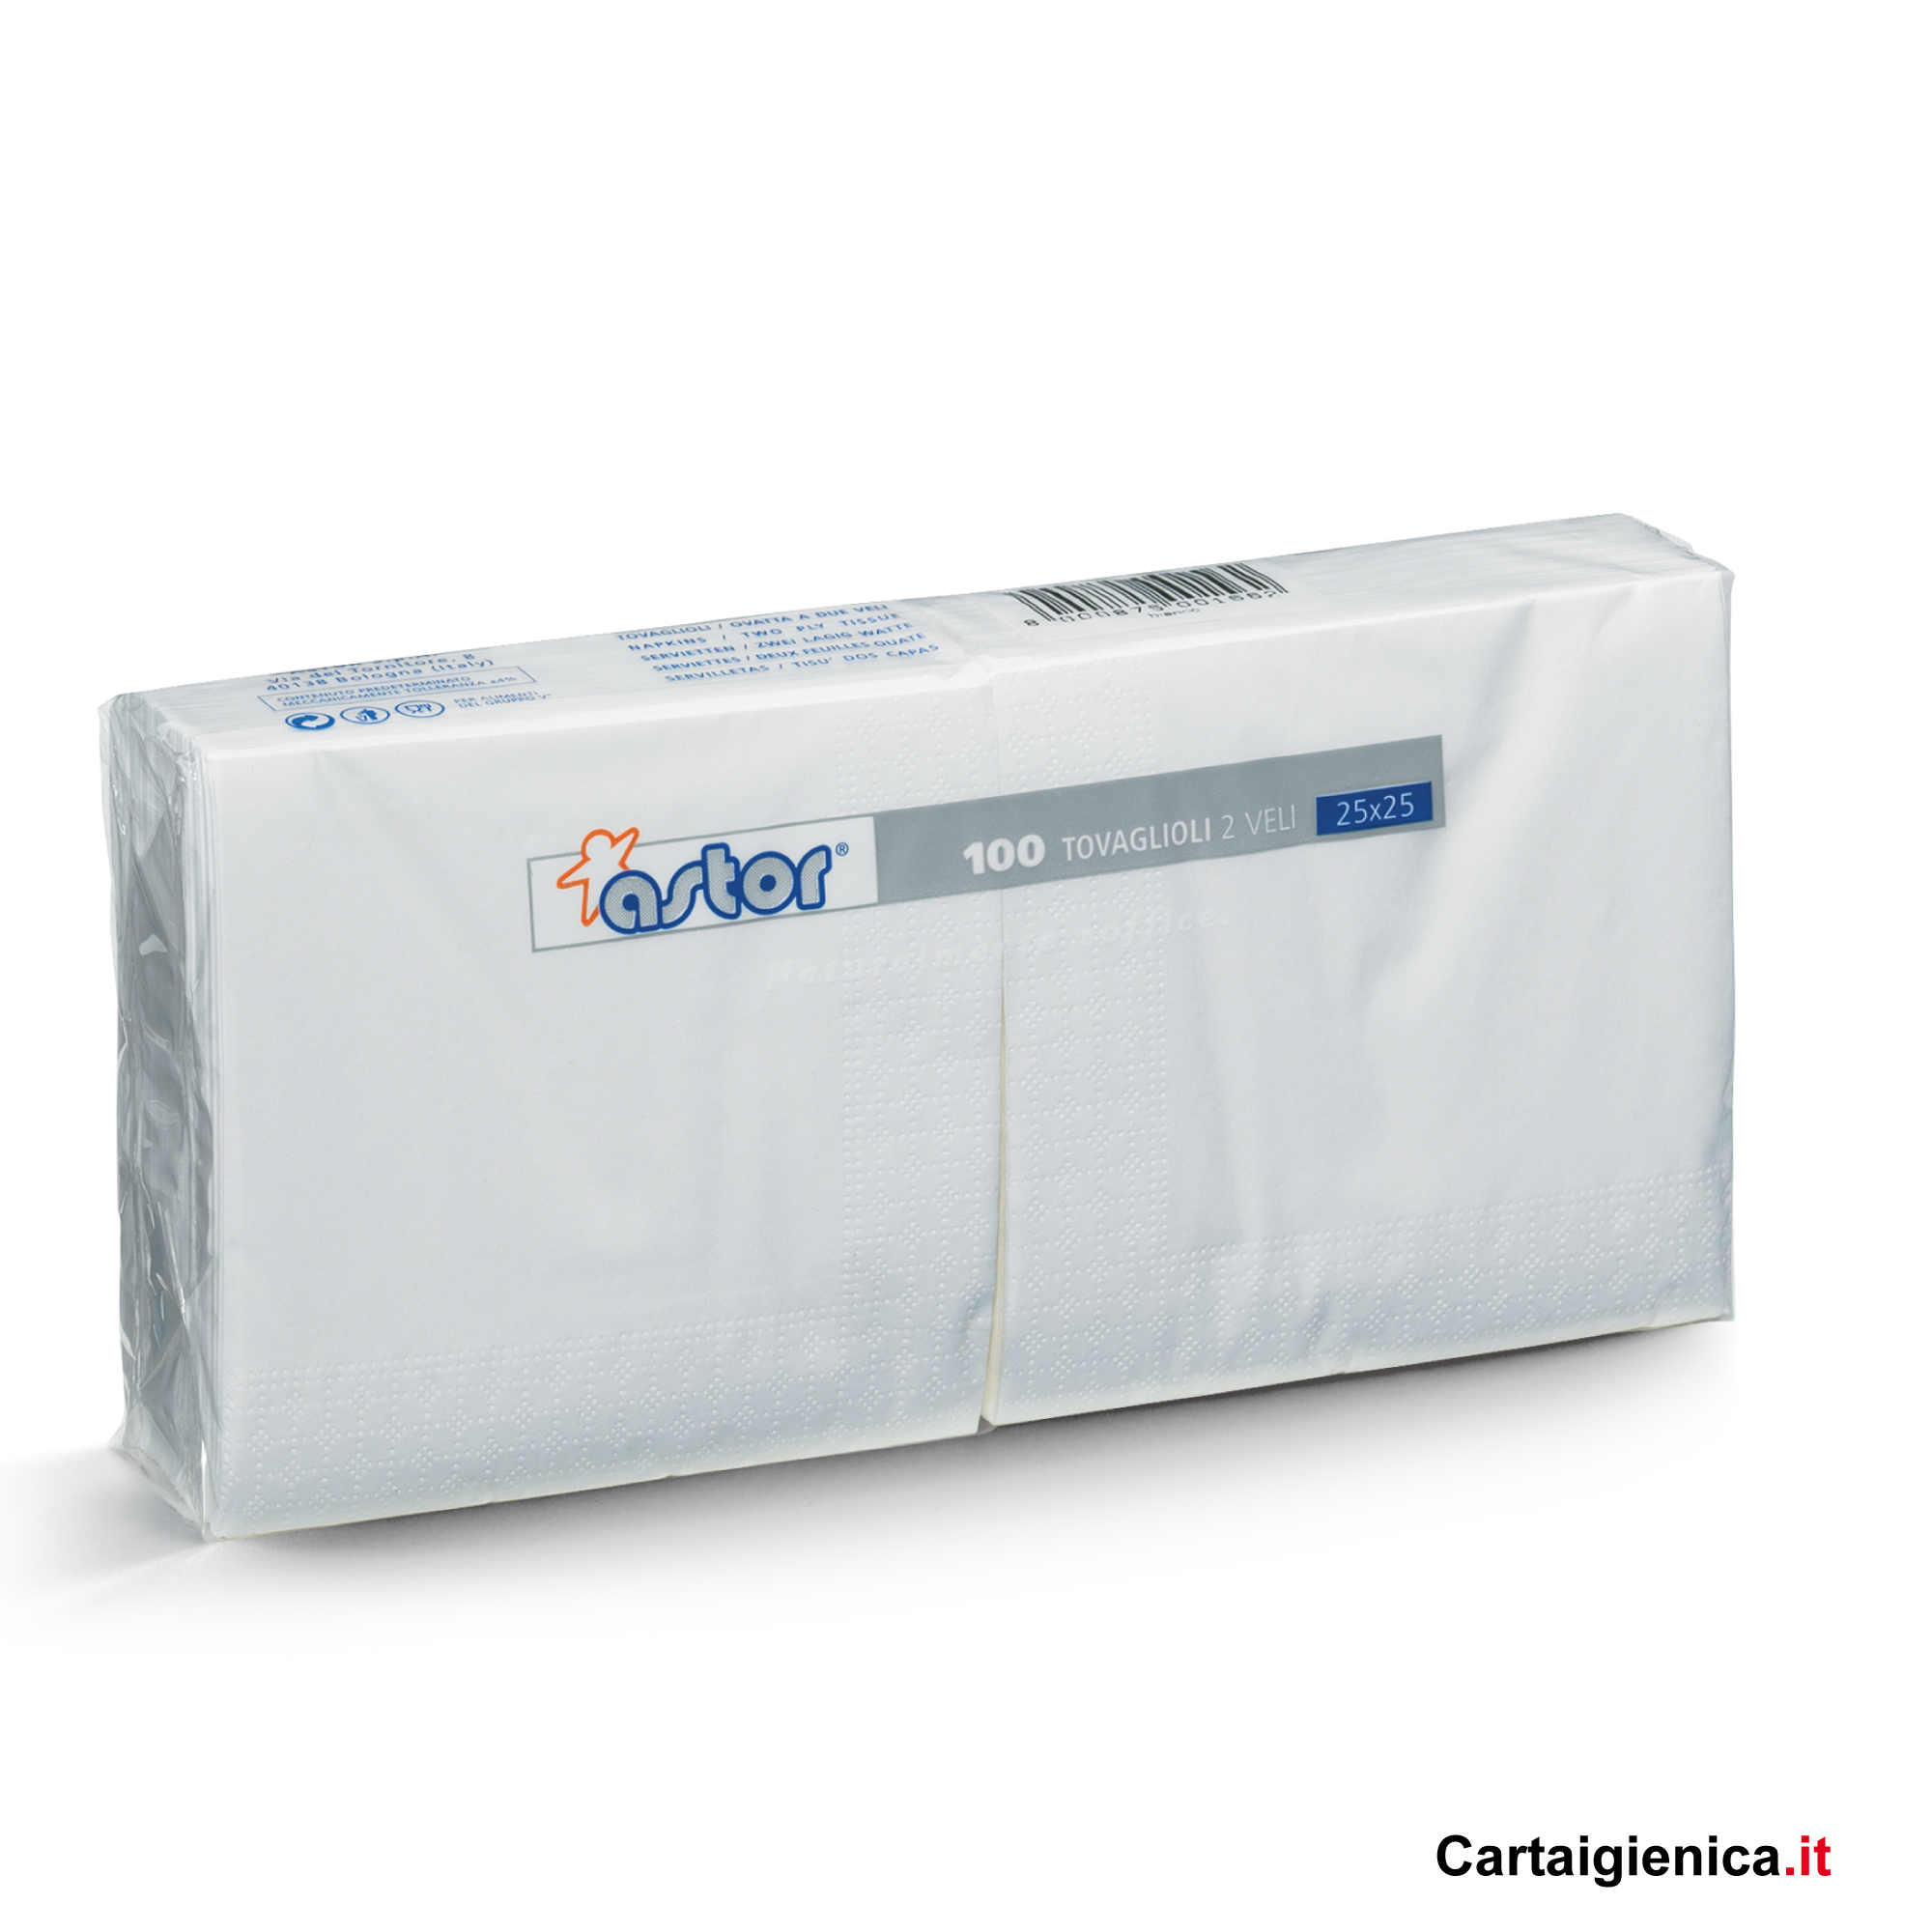 Astor tovaglioli di carta 25x25 100 pezzi bianchi